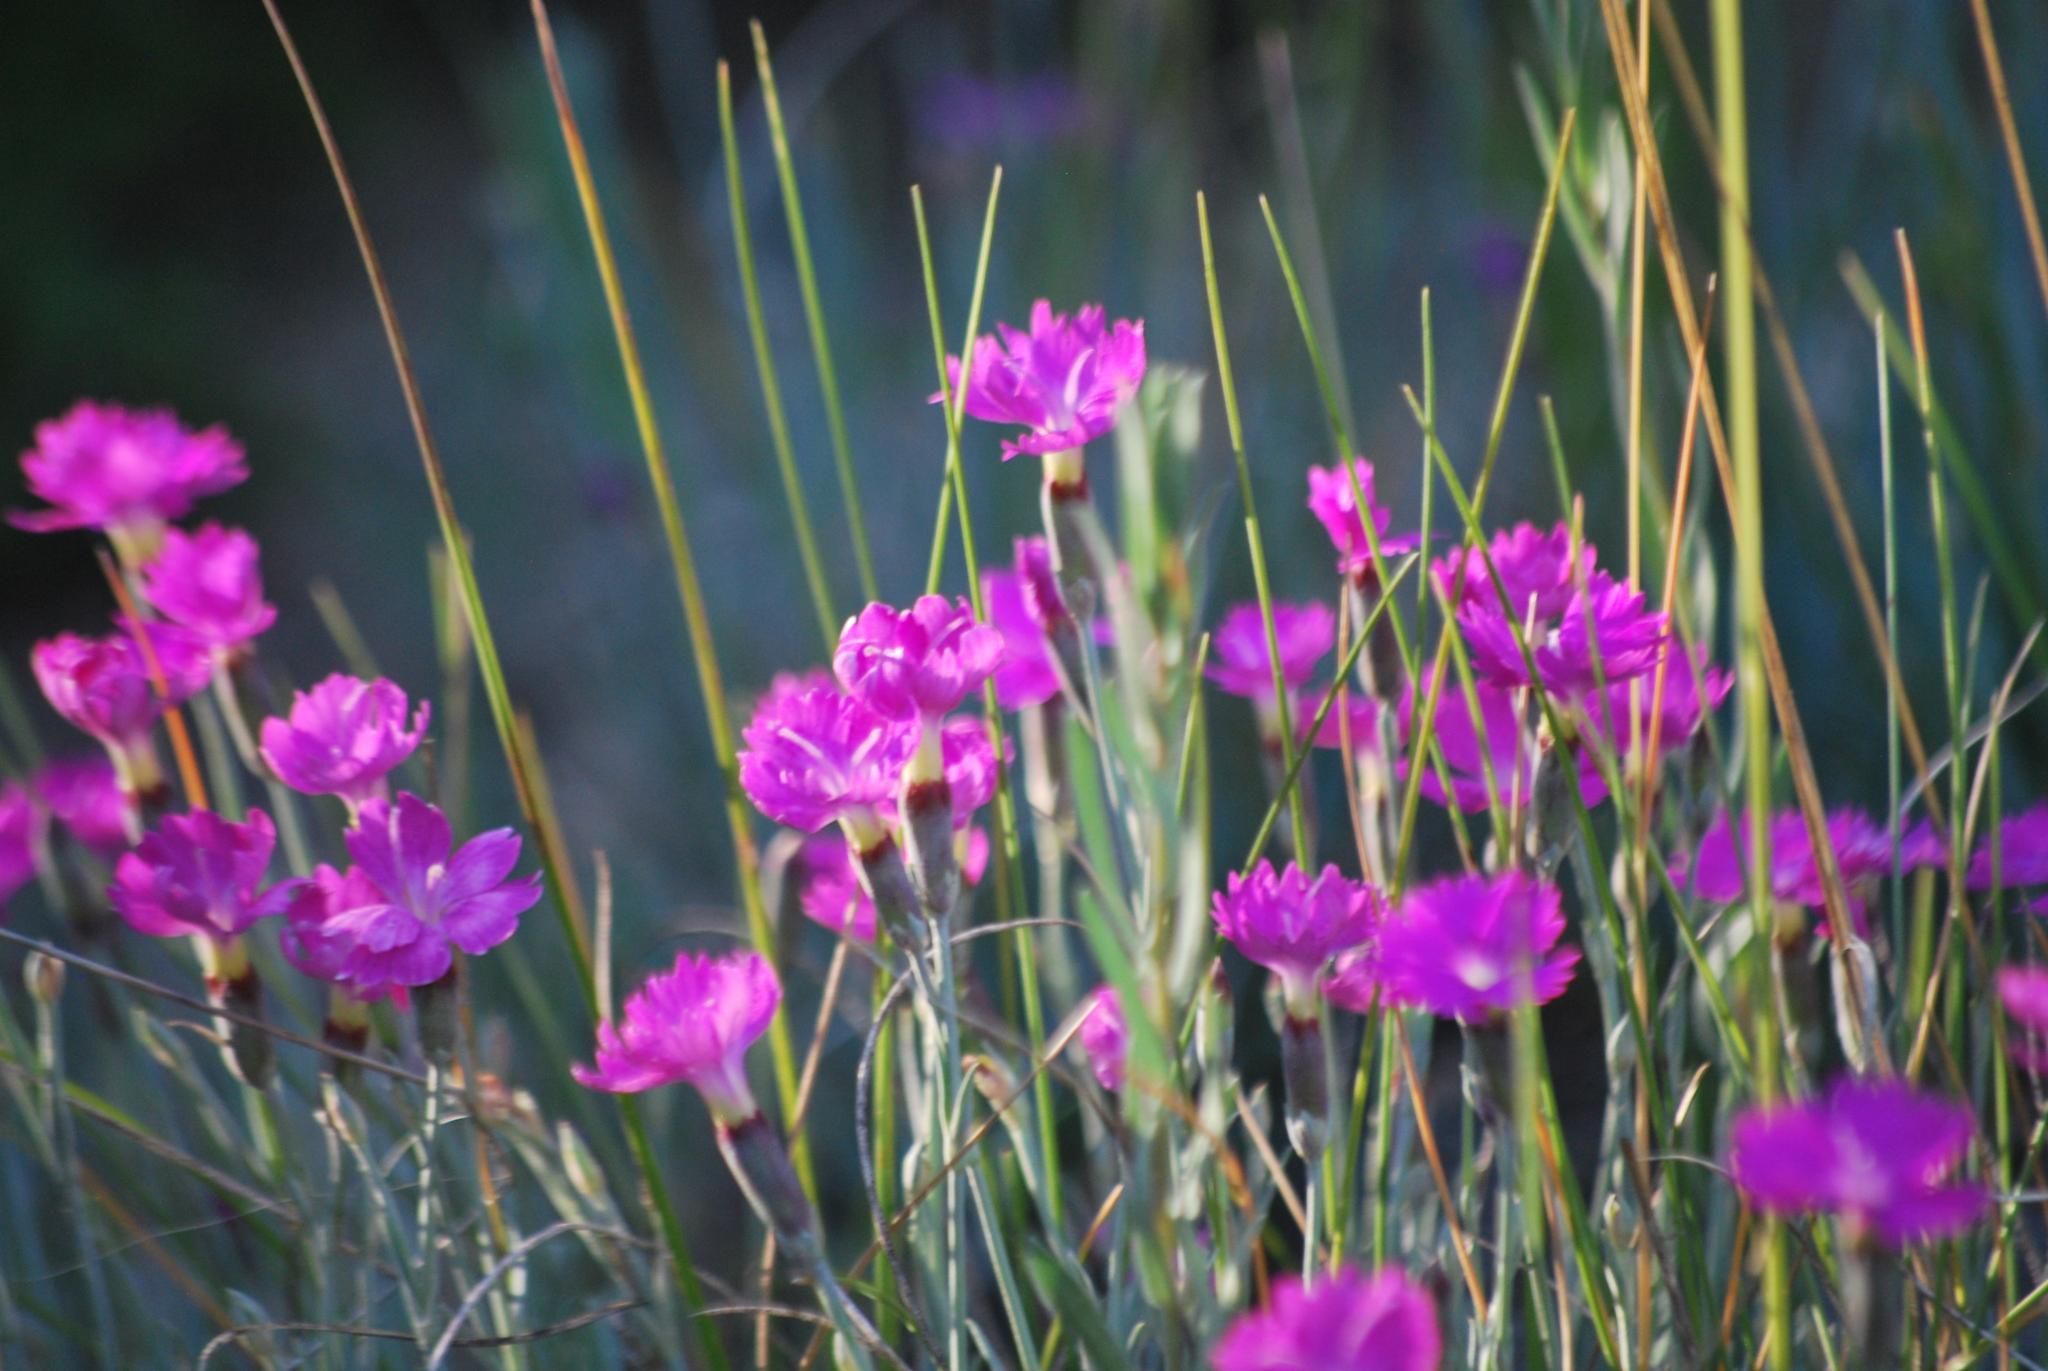 Little pink flowers  by marilyn wirtz